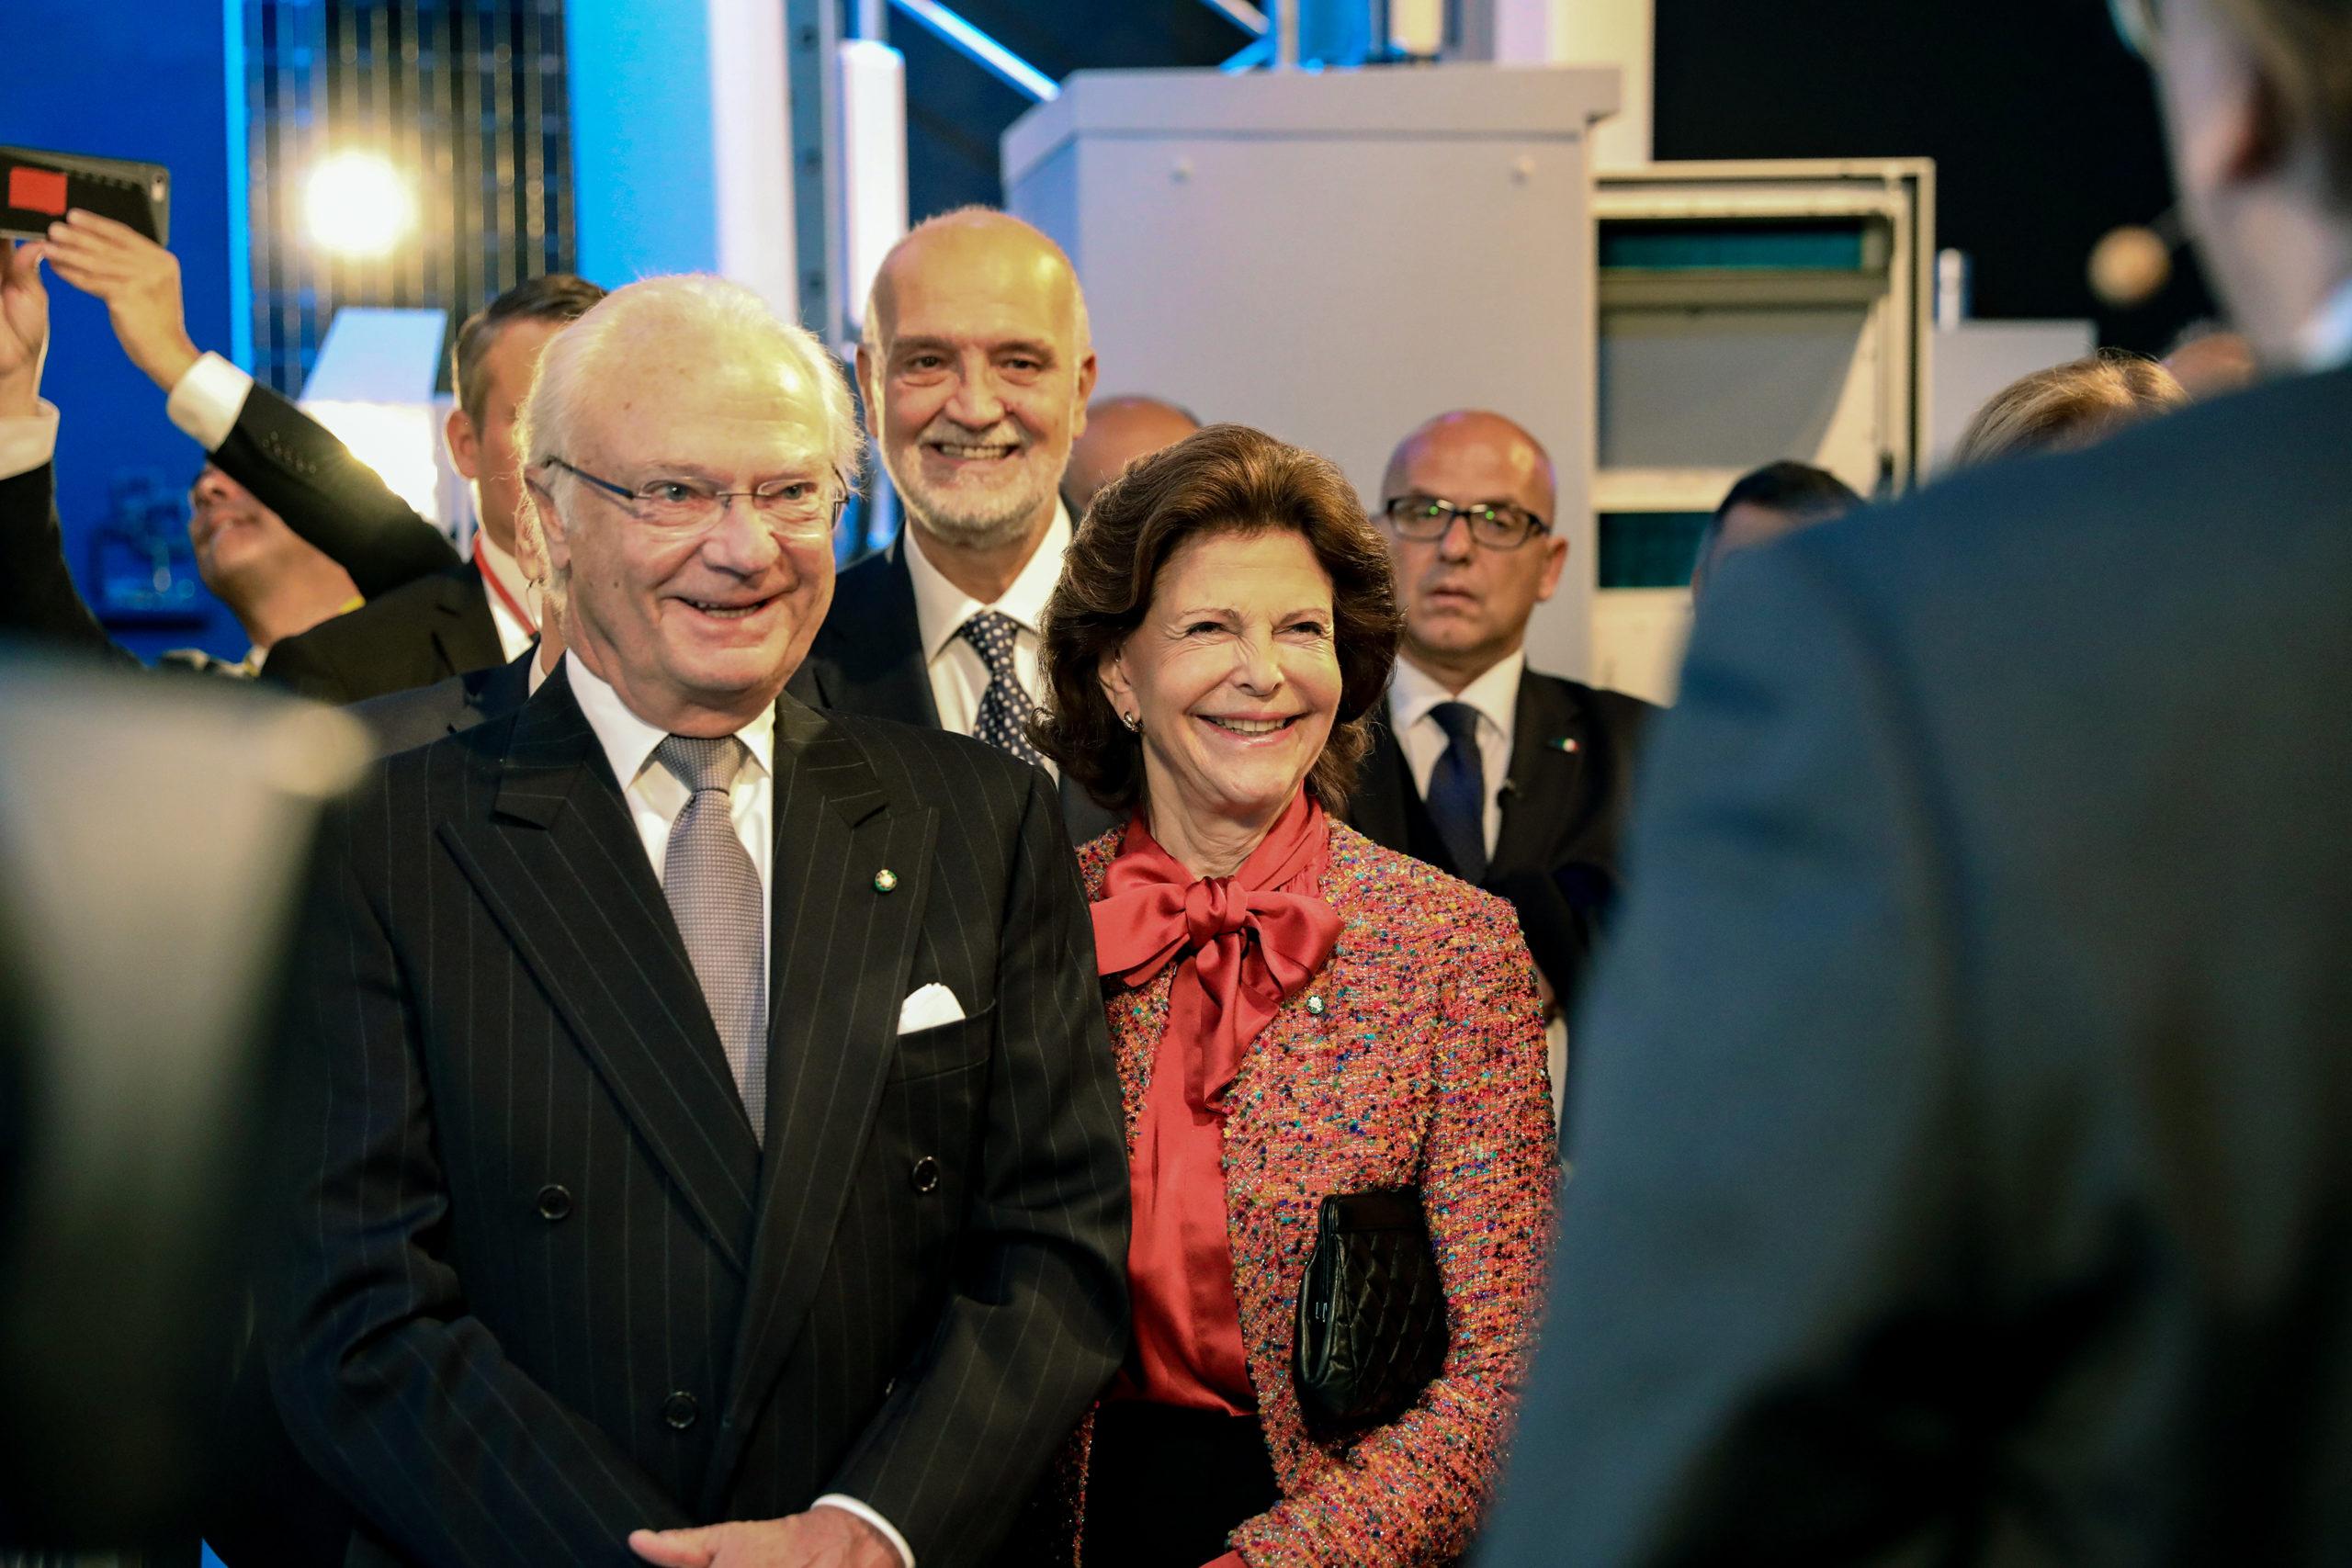 Le roi et la reine de Suède lors de la visite officielle de l'Italie les 13-15 novembre 2018